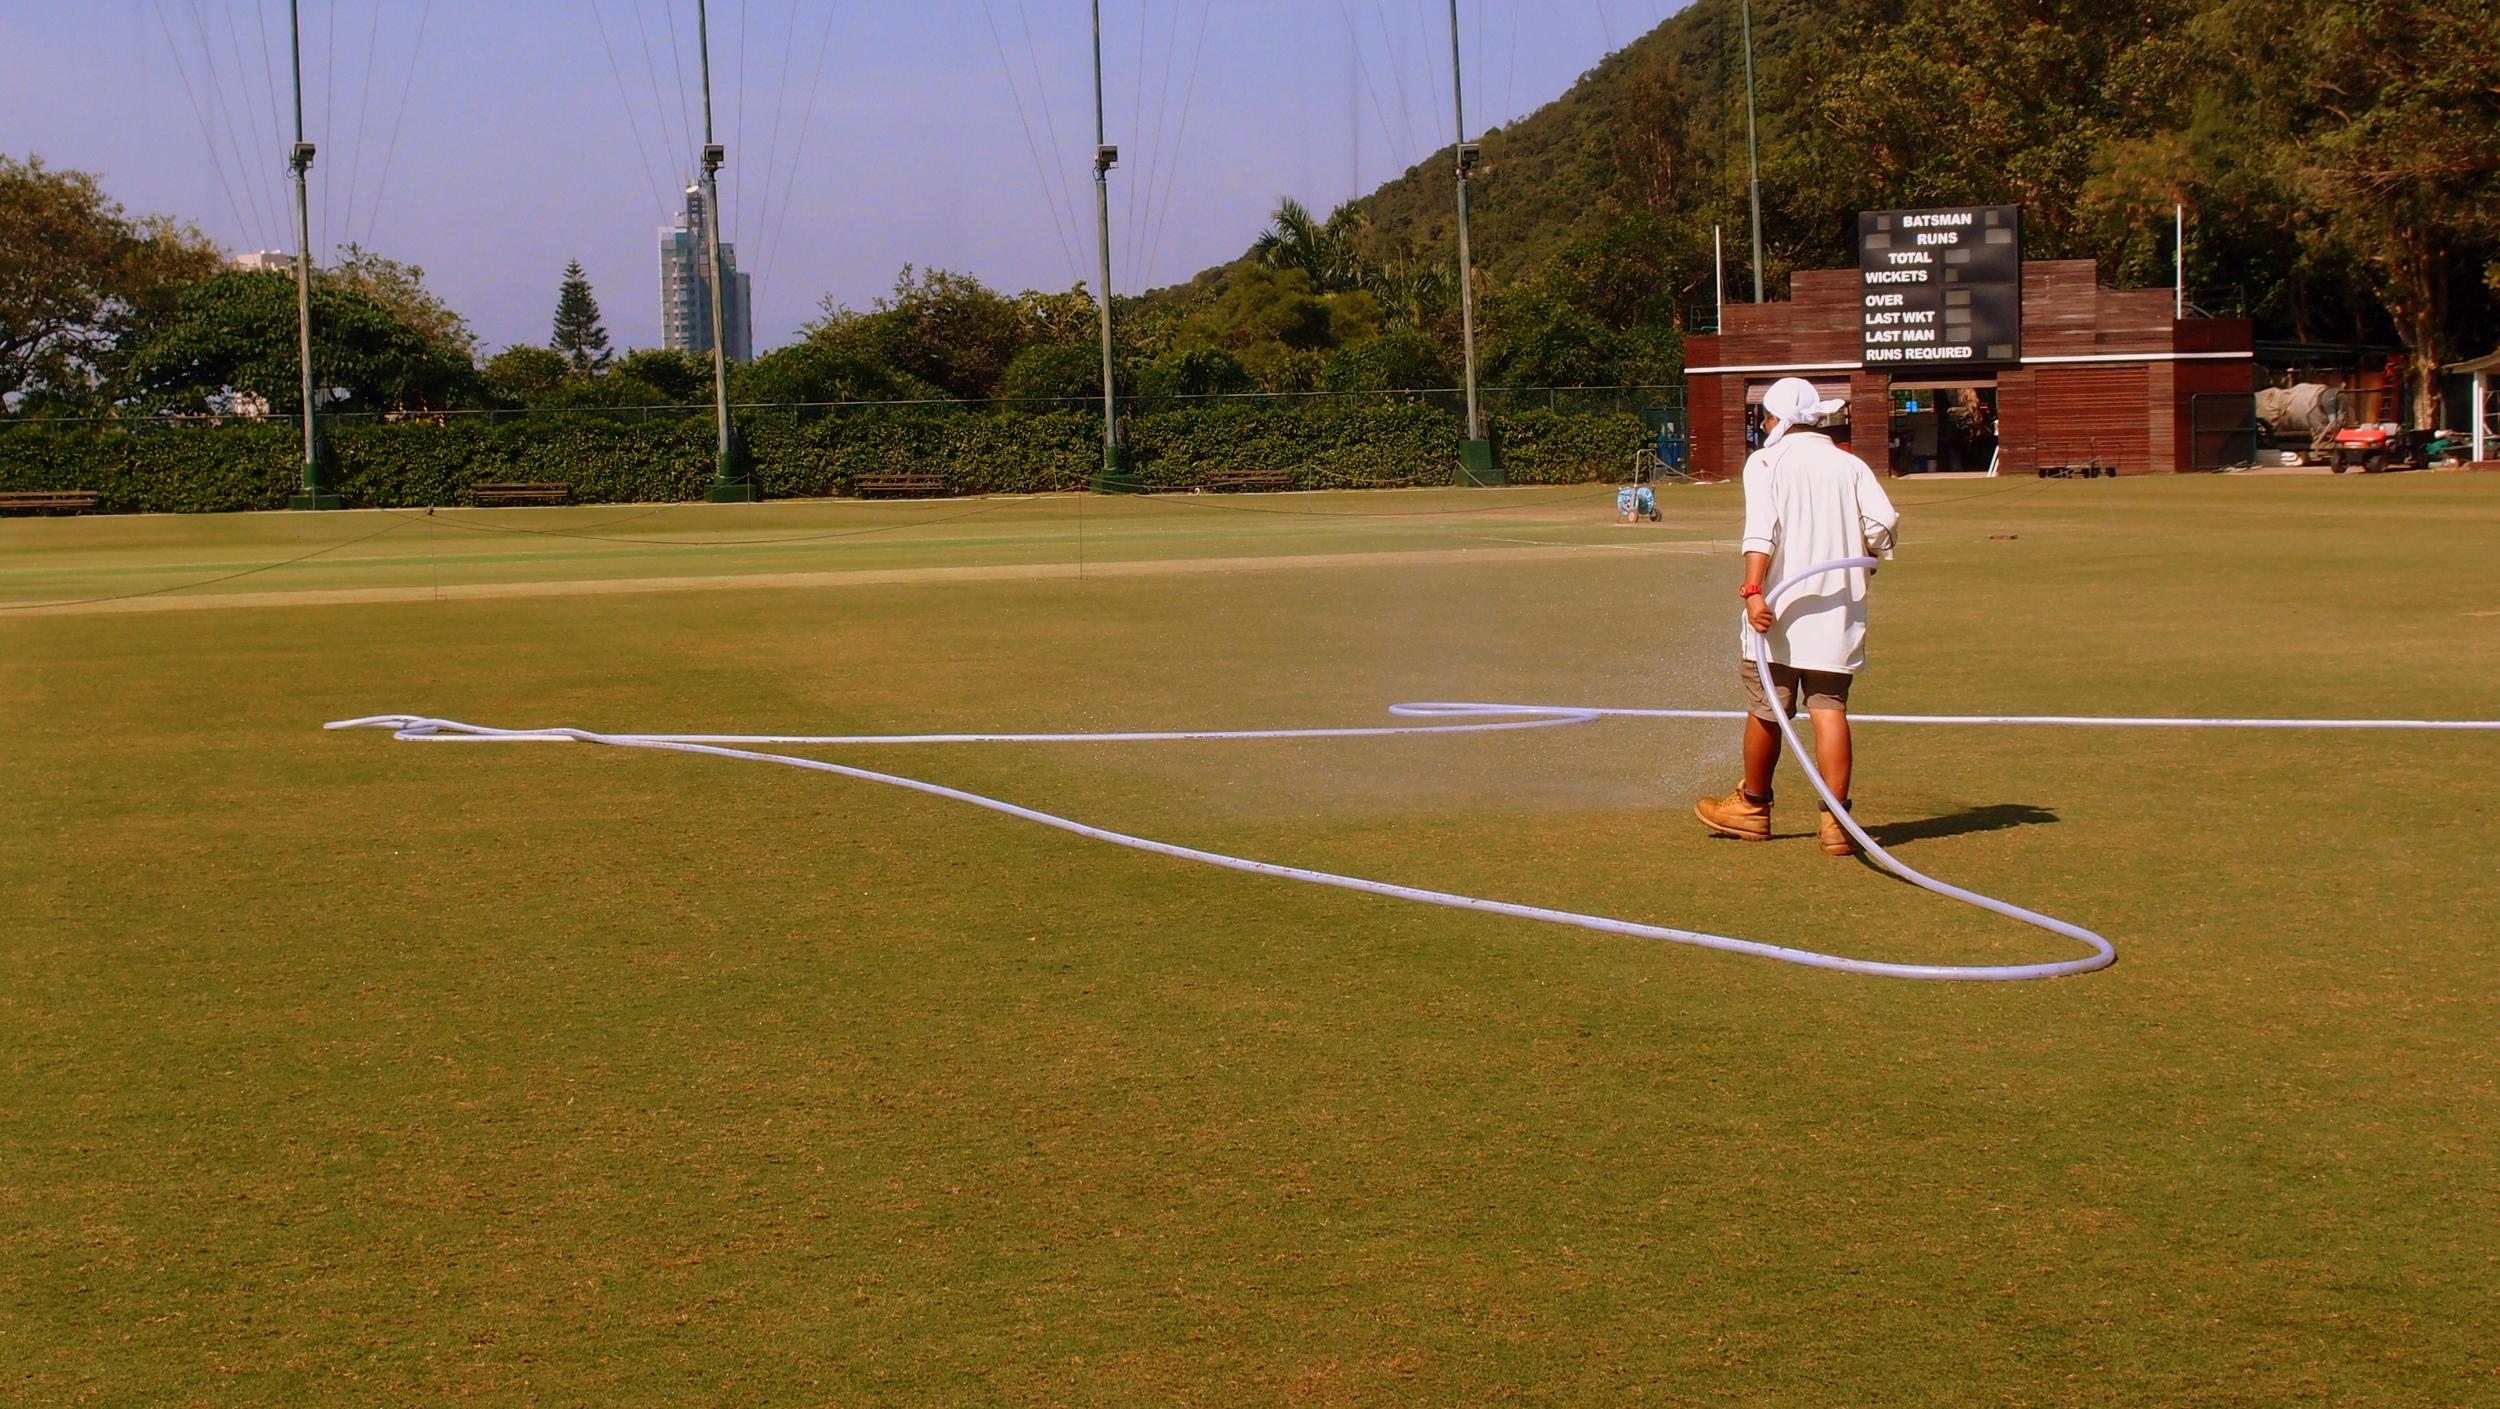 The Hong Kong Cricket Club